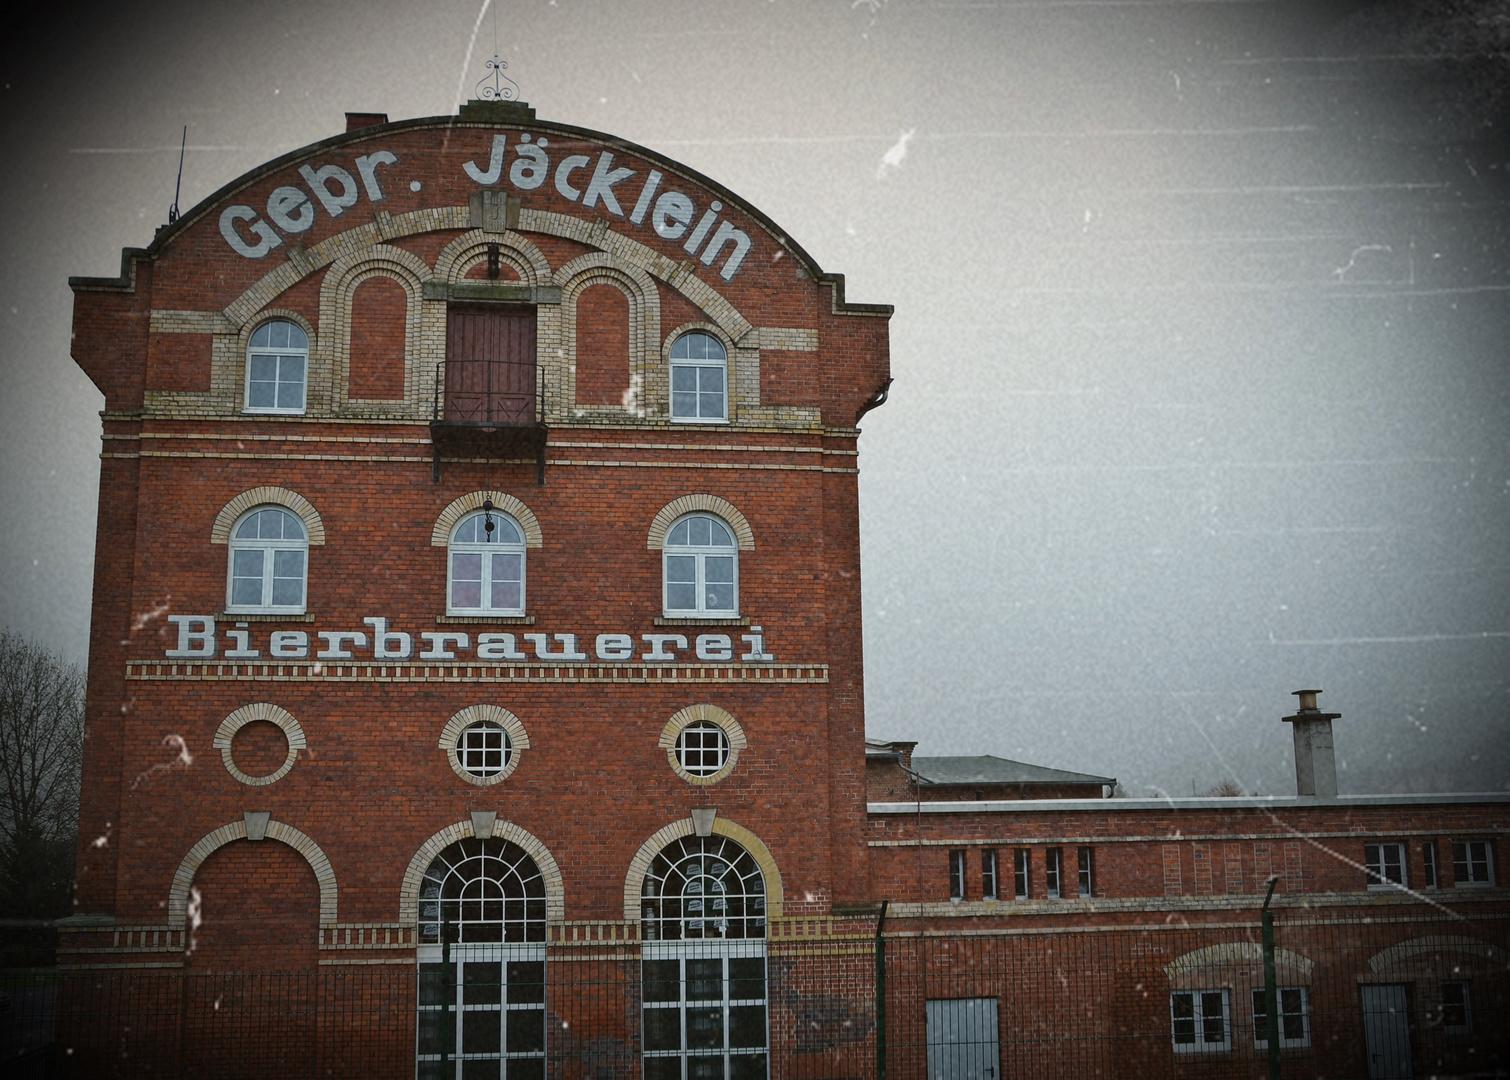 Brauerei Gebrüder Jäcklein